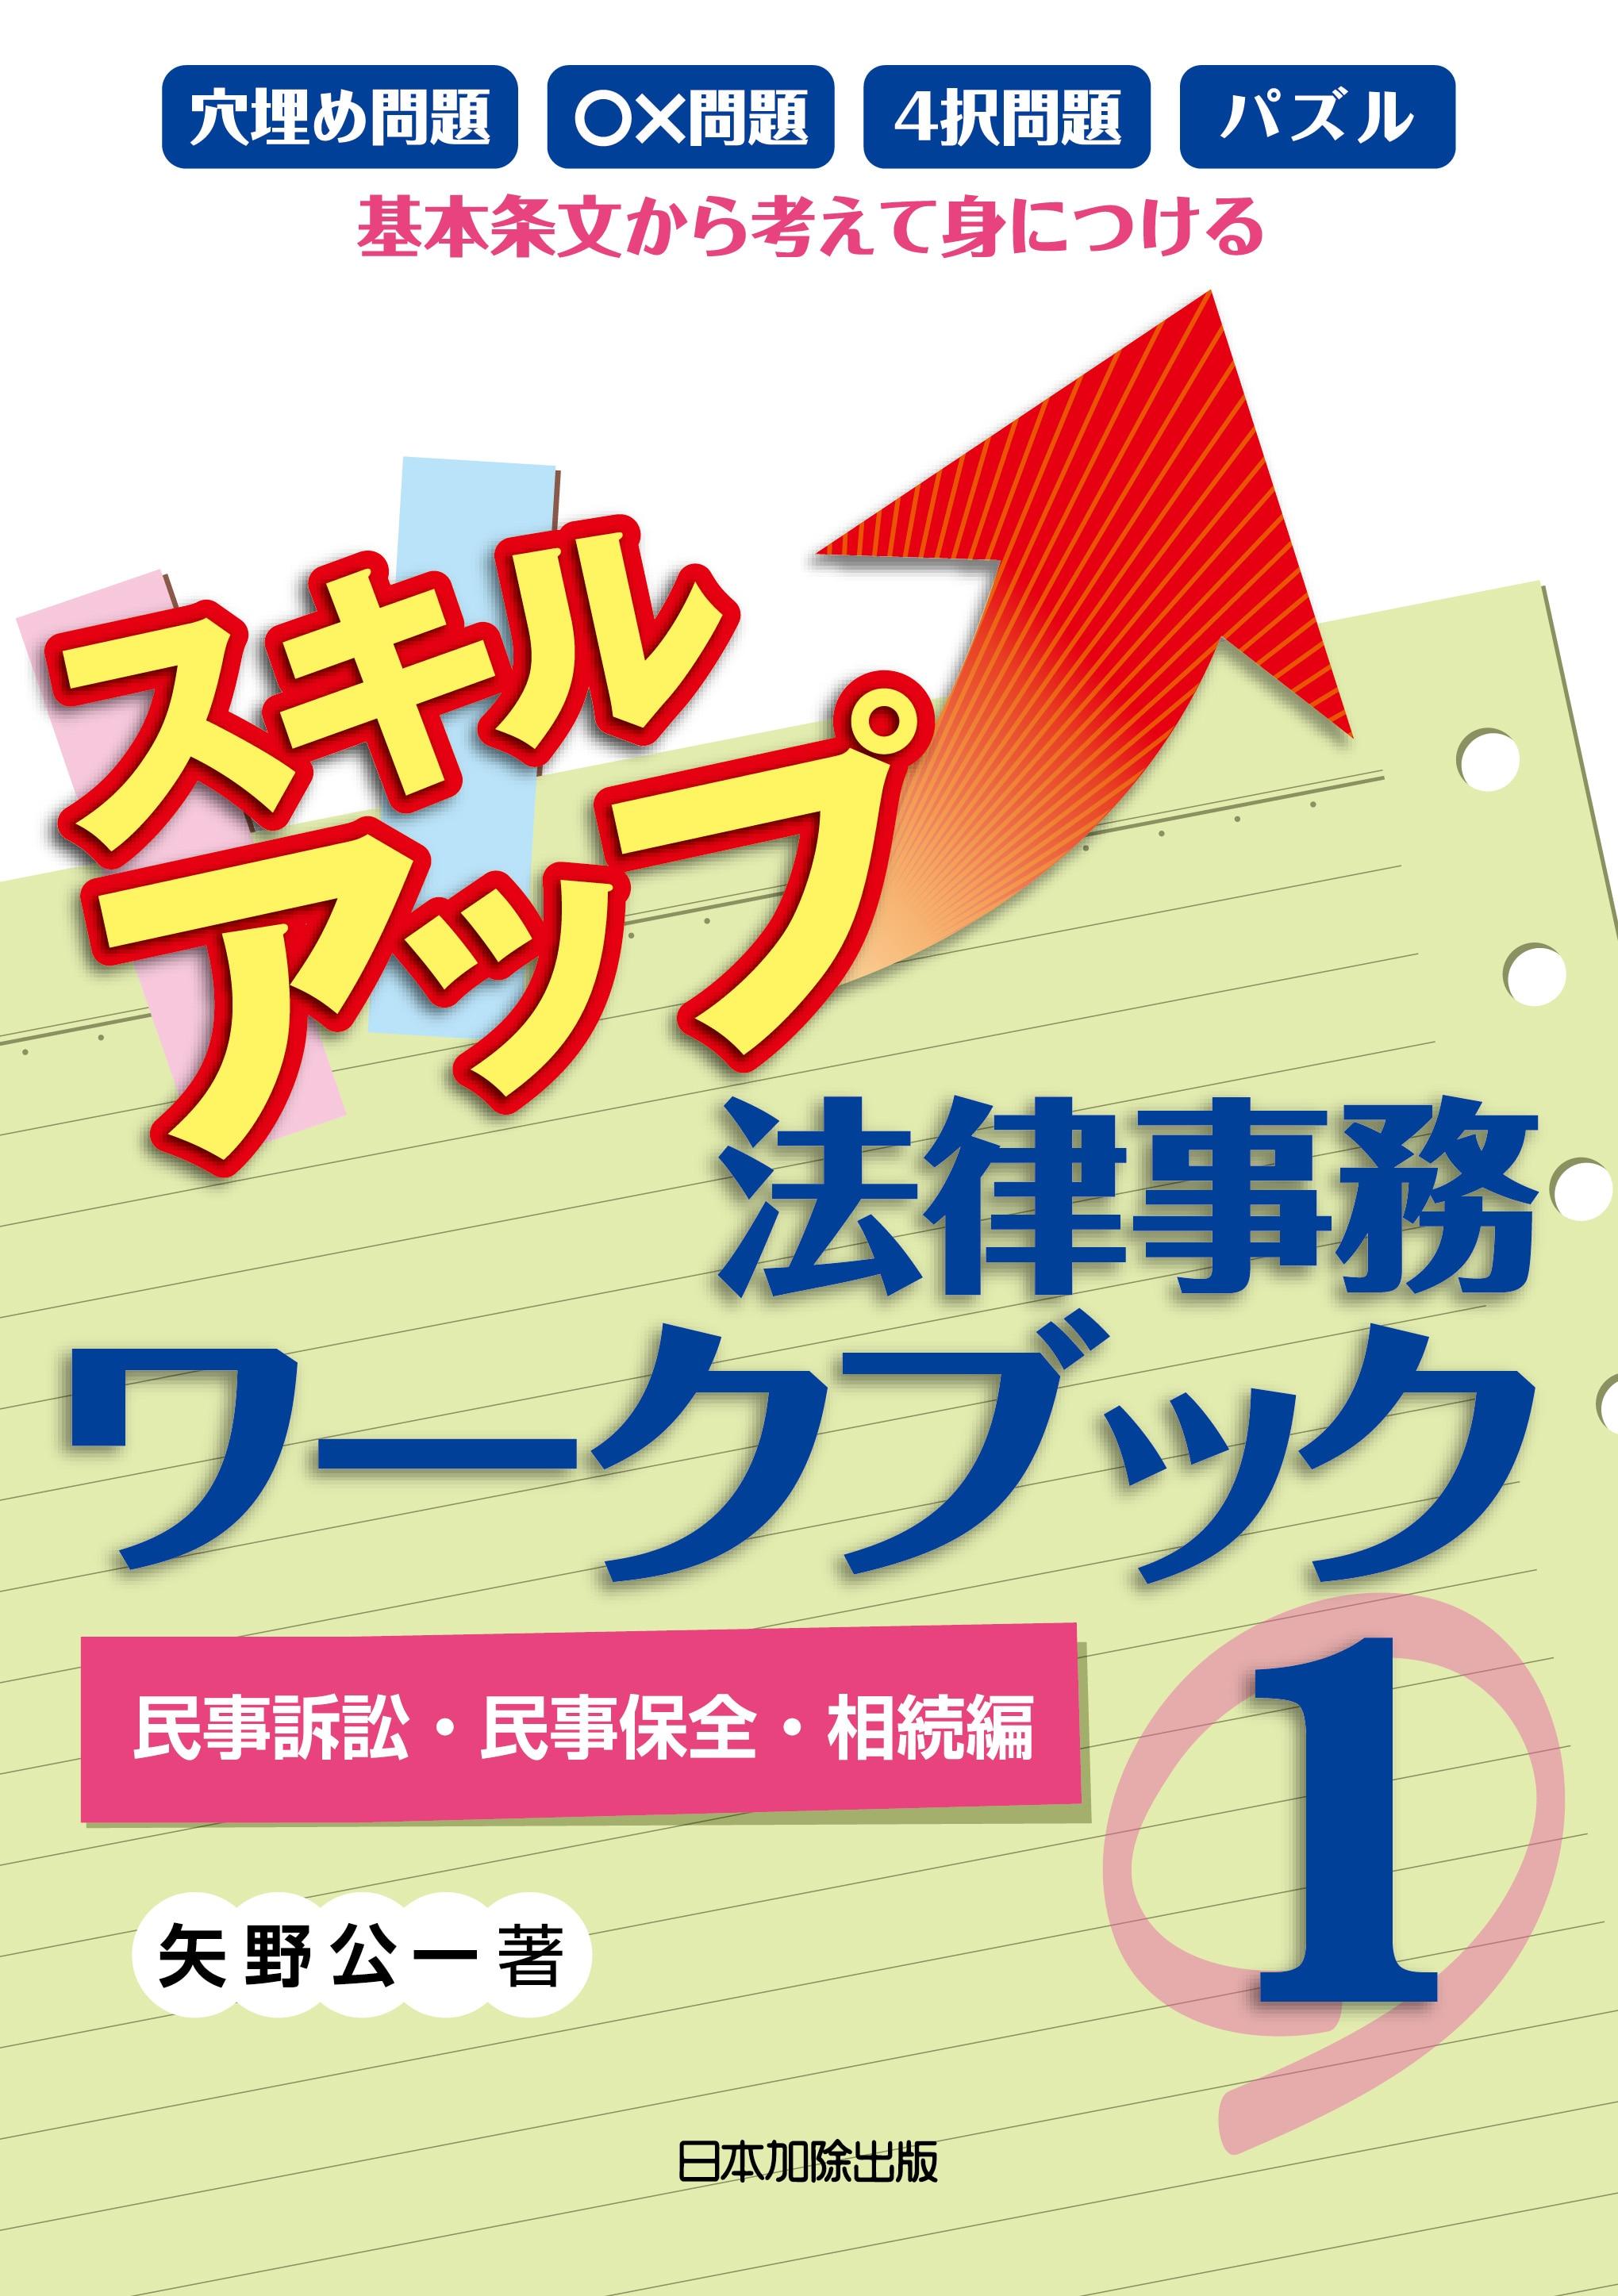 スキルアップ法律事務ワークブック1 民事訴訟・民事保全・相続編